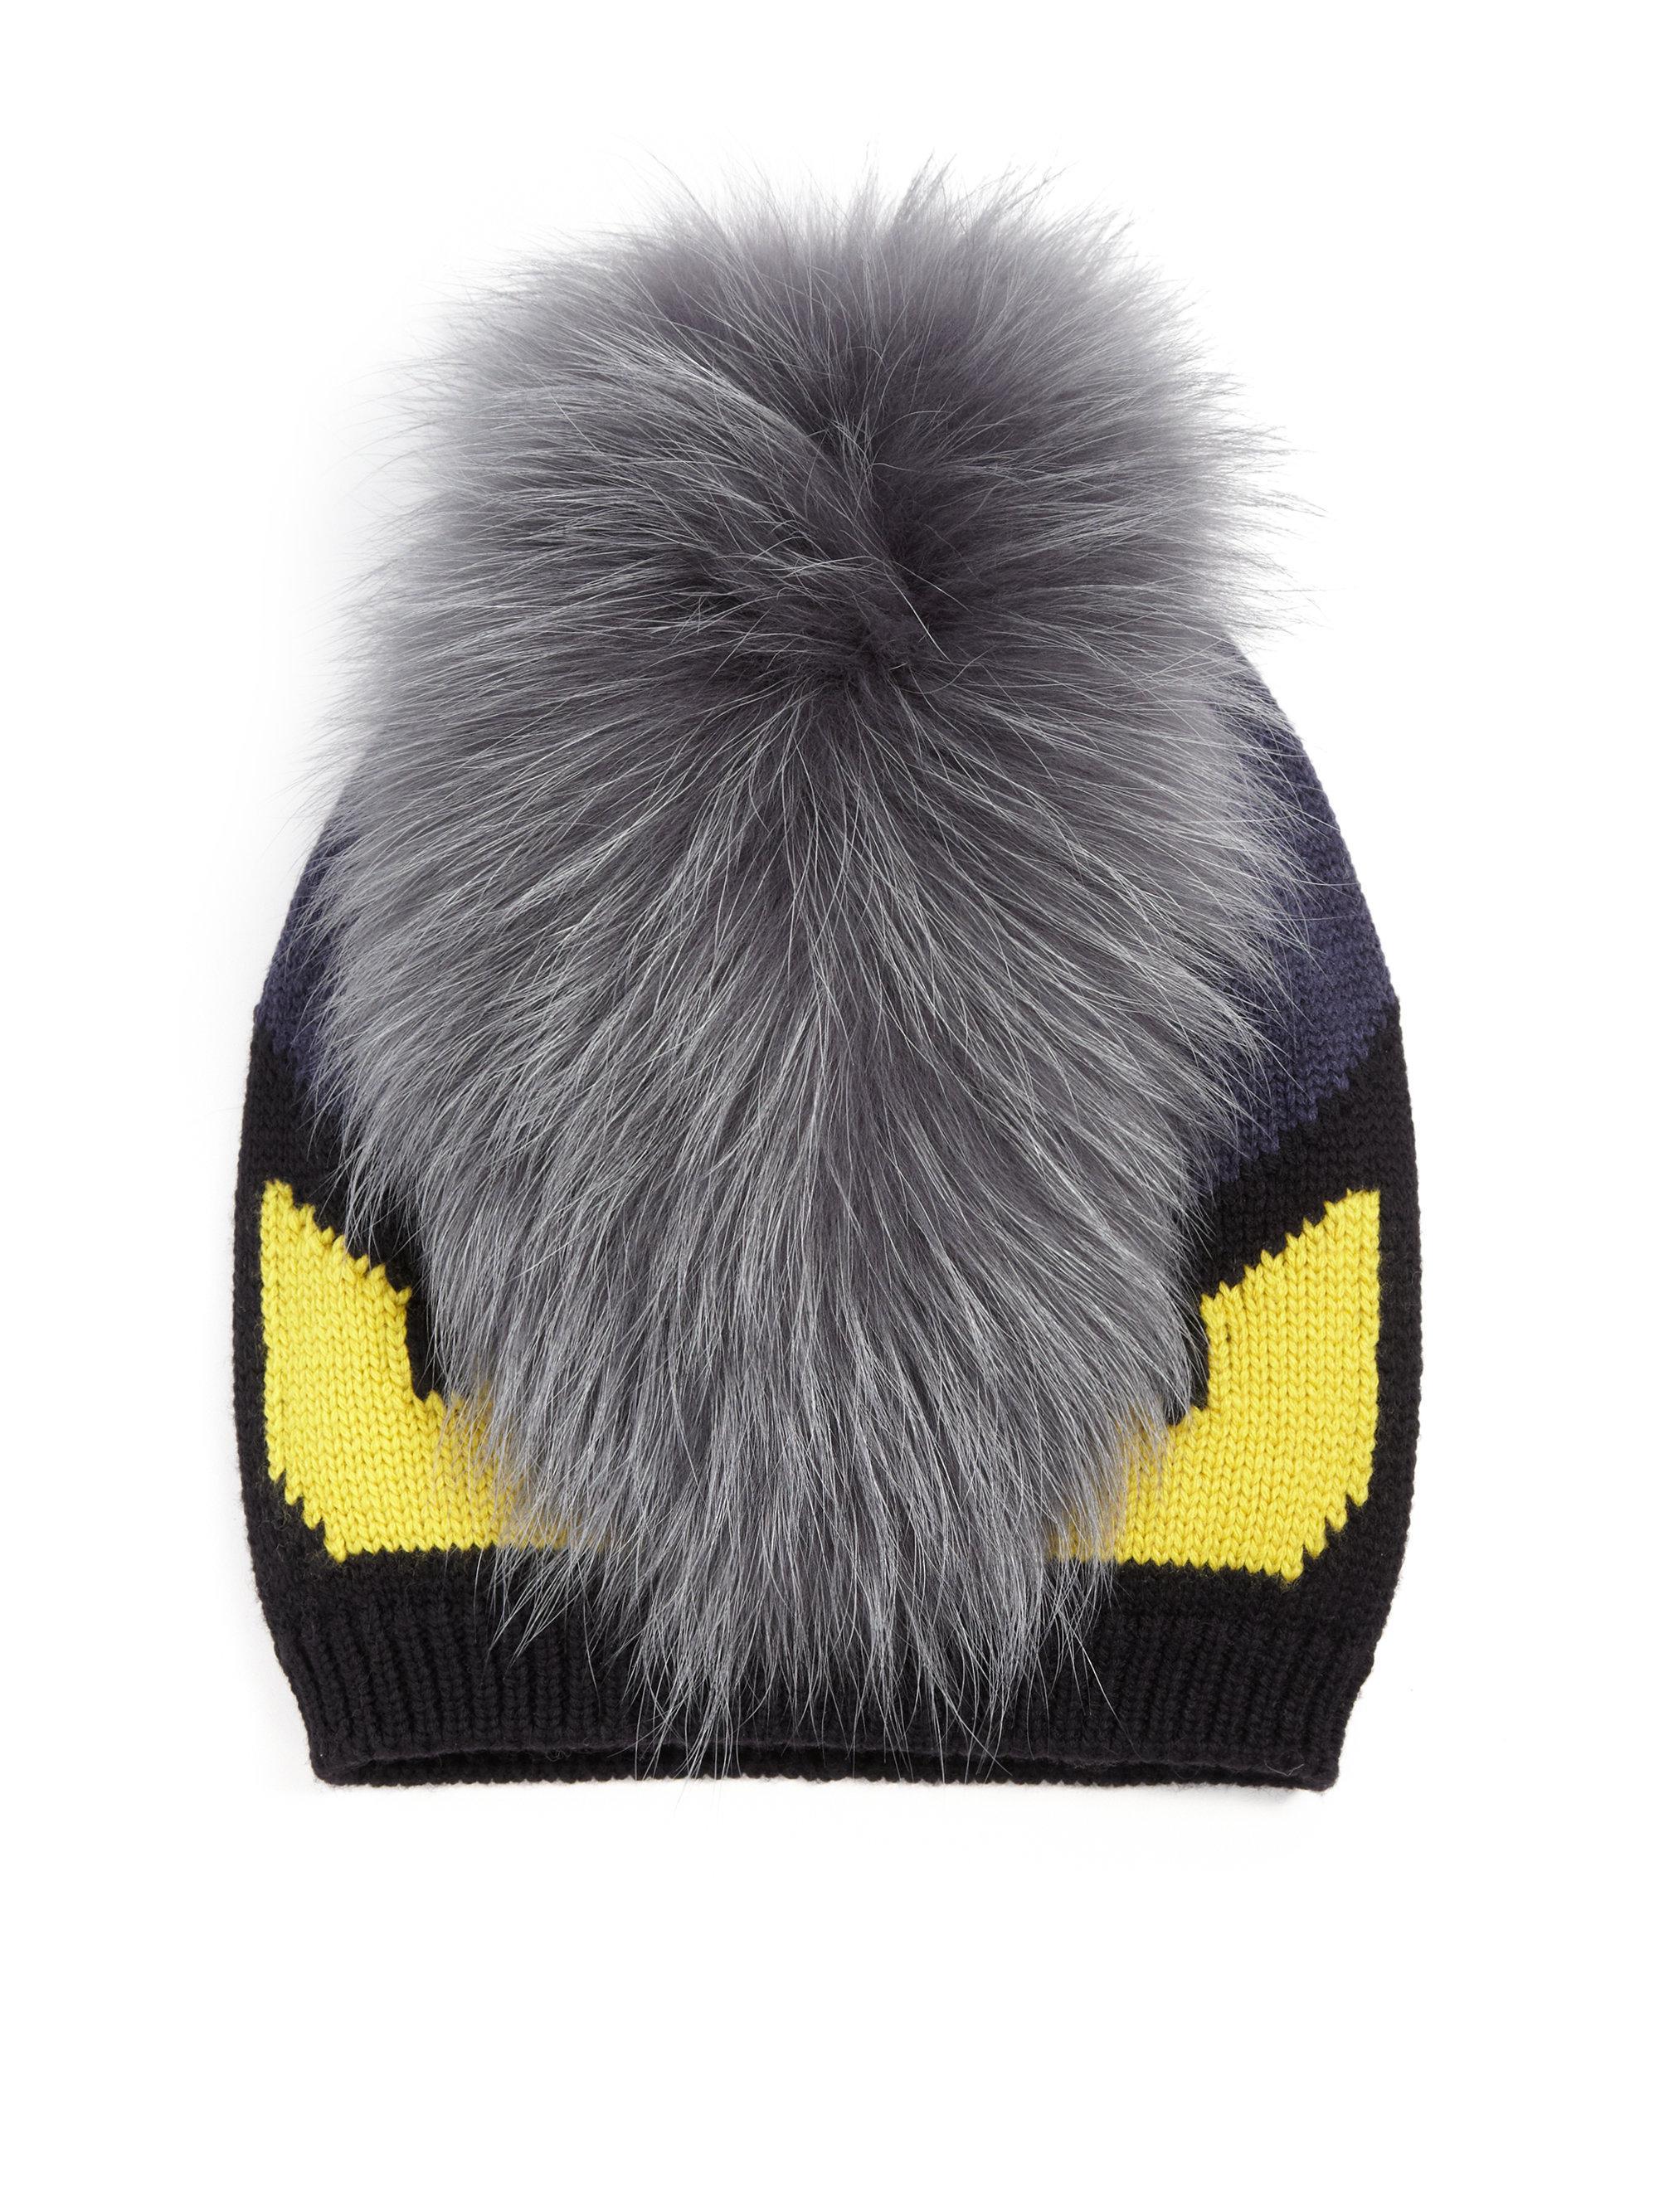 d769147e1e4 Fendi Monster Fur-trimmed Wool Hat in Black for Men - Lyst